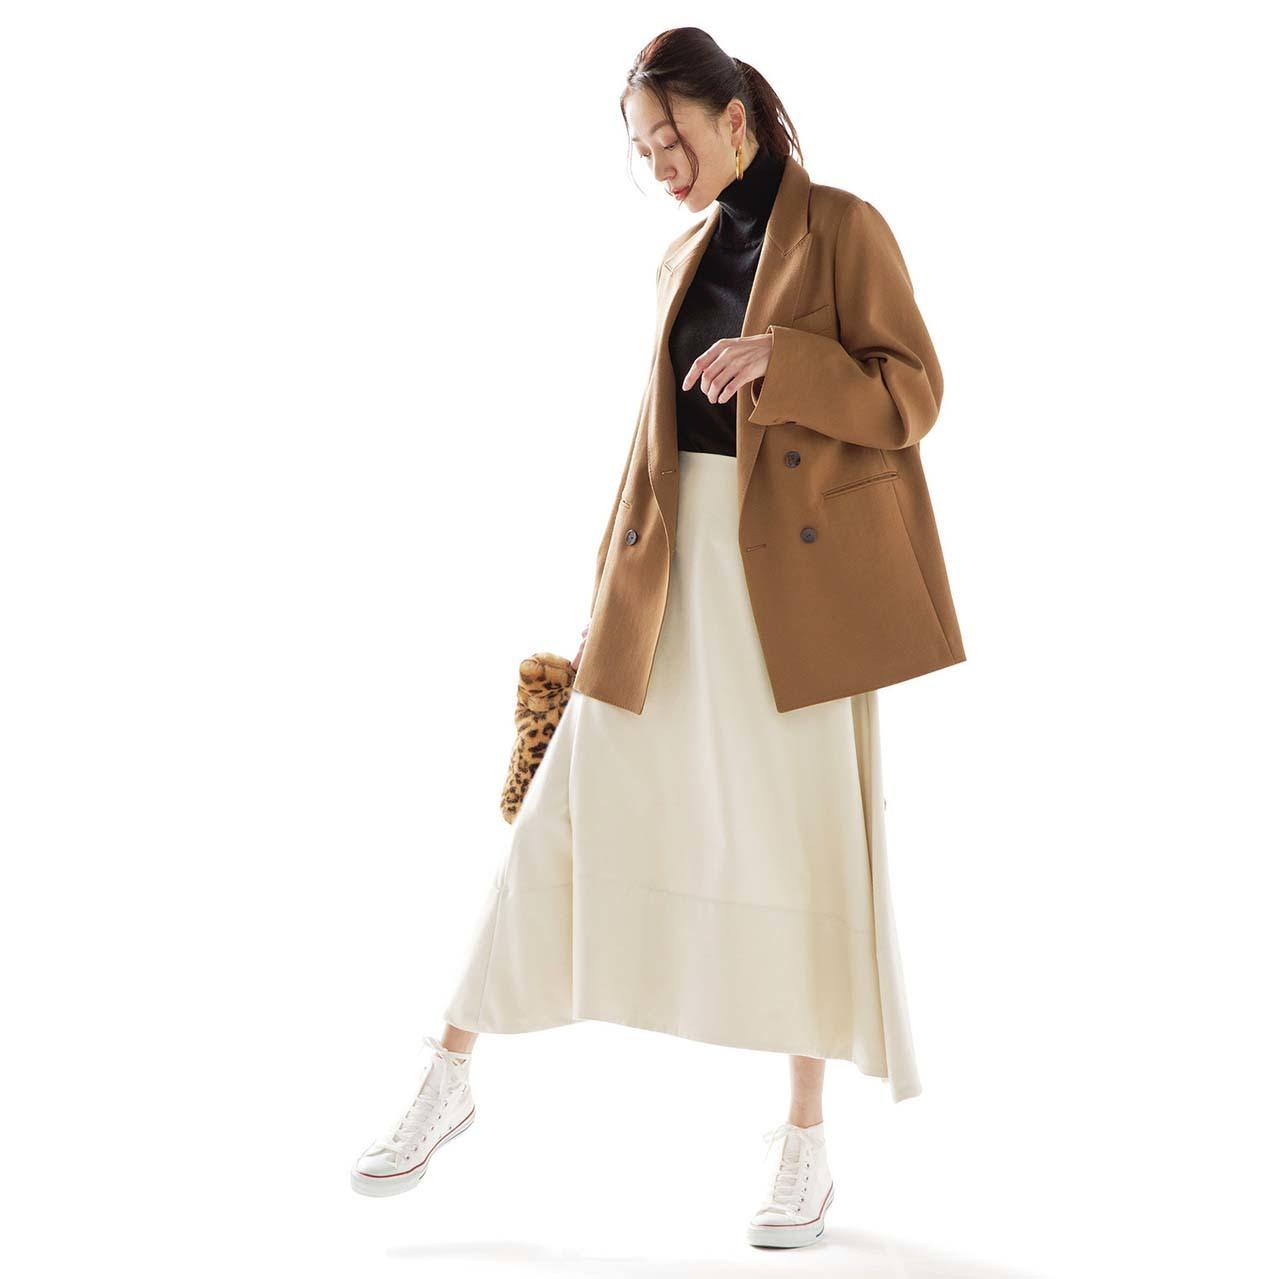 ジャケット×スカート×コンバースの白スニーカーコーデを着たモデルの内田ナナさん